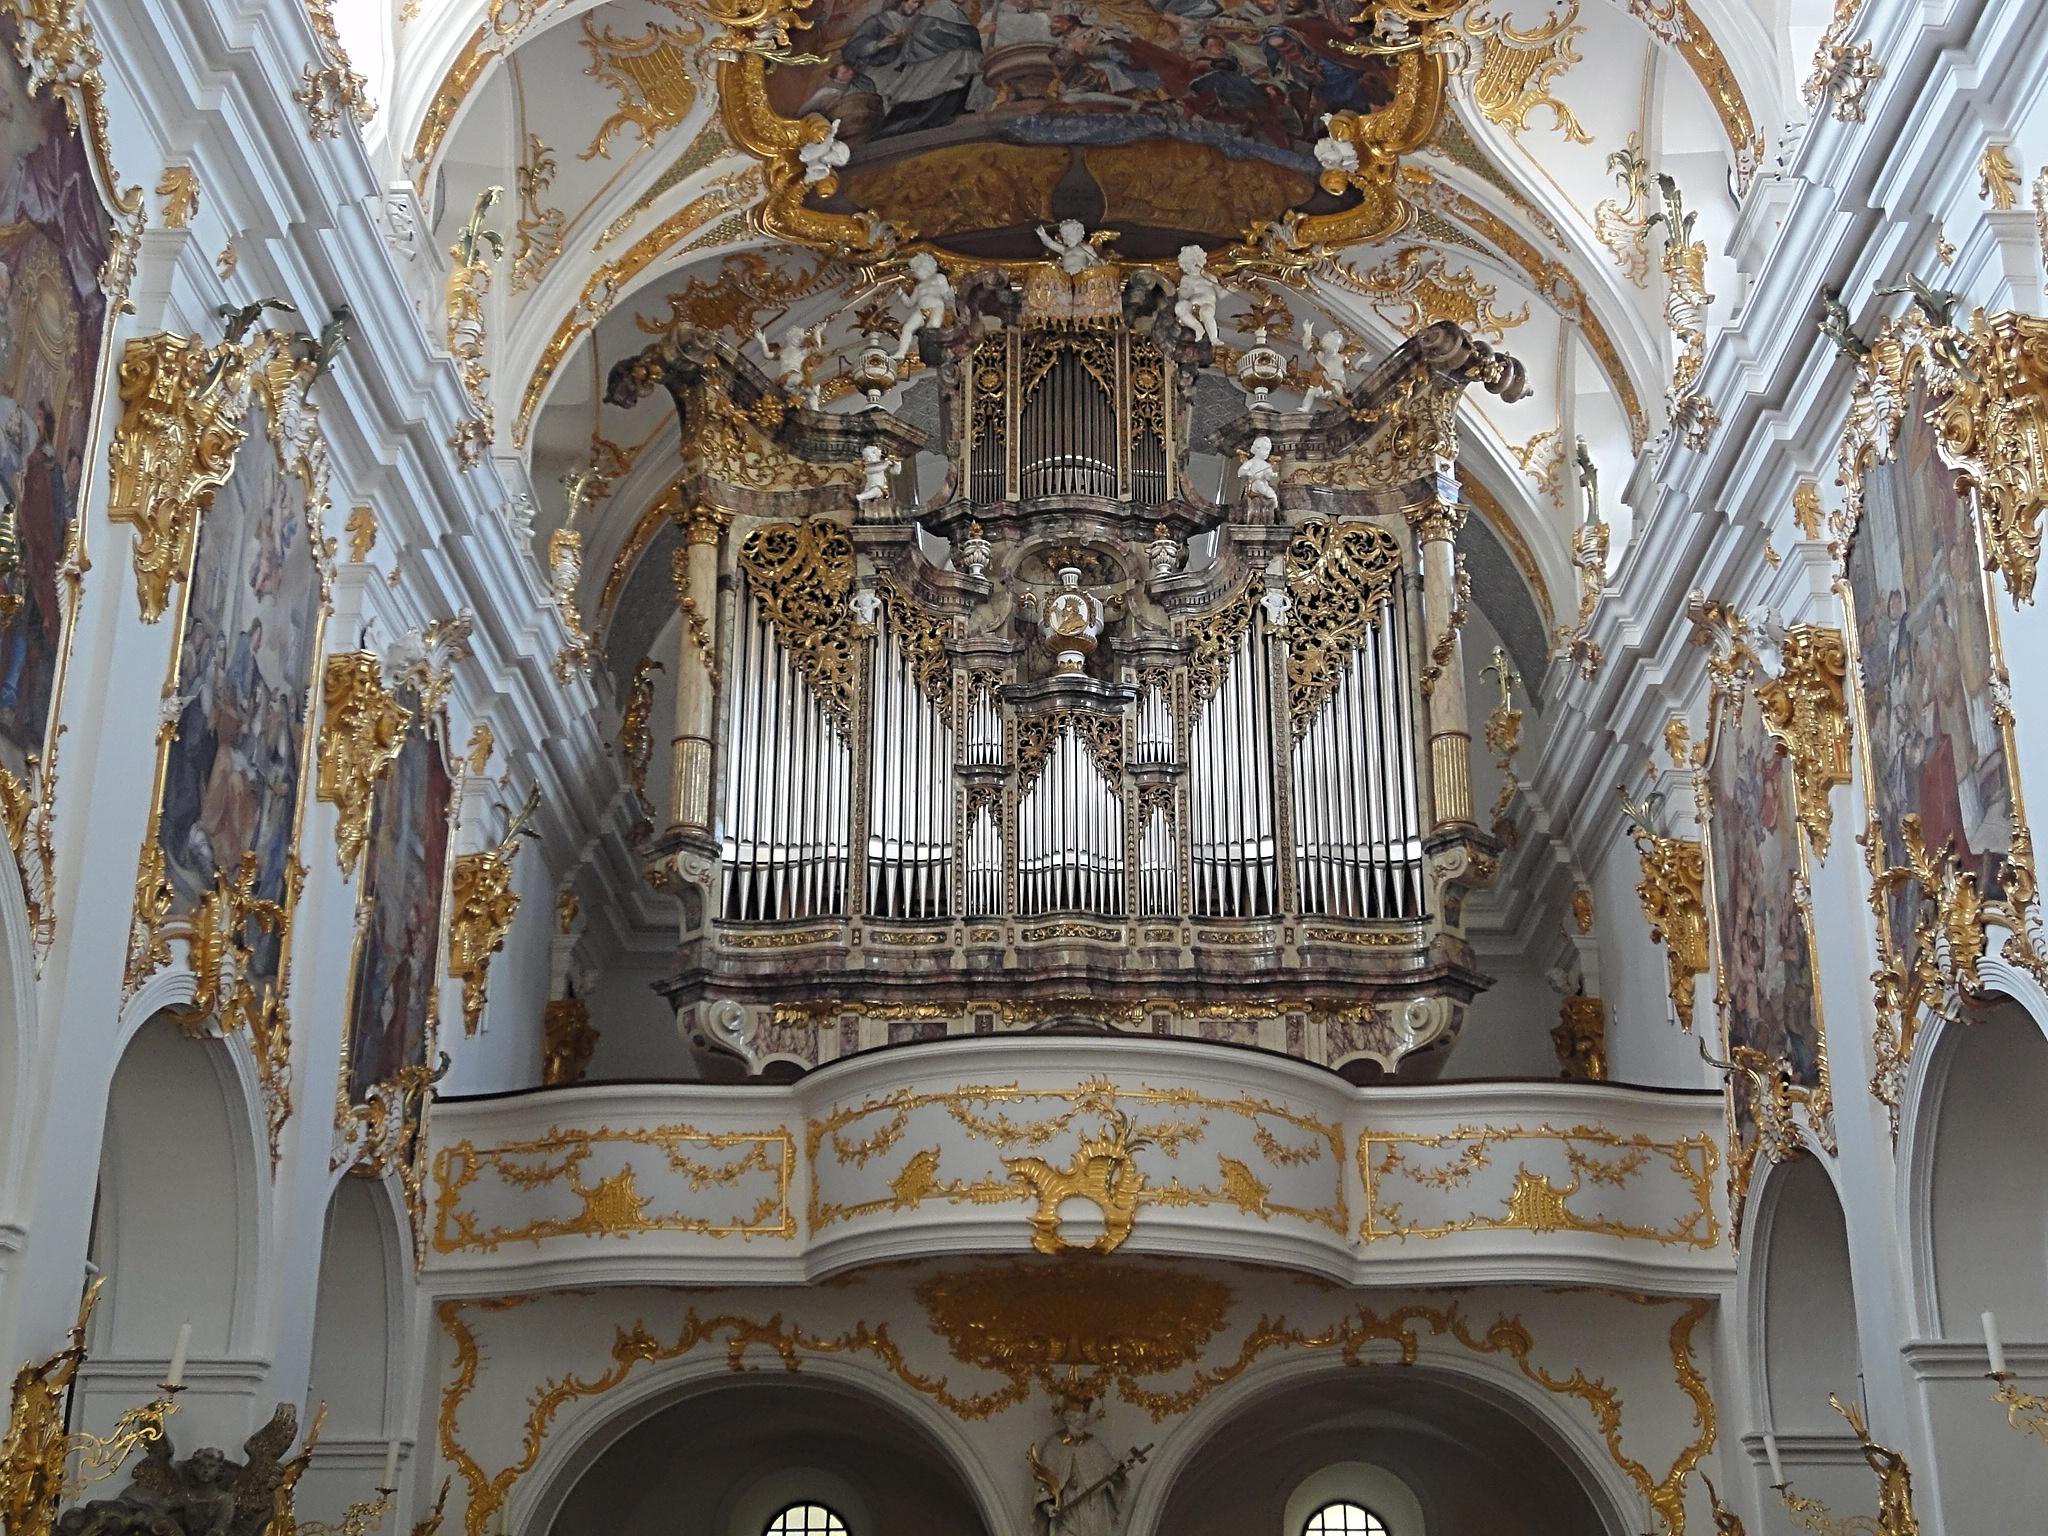 File:Alte Kapelle Regensburg.JPG - Wikimedia Commons